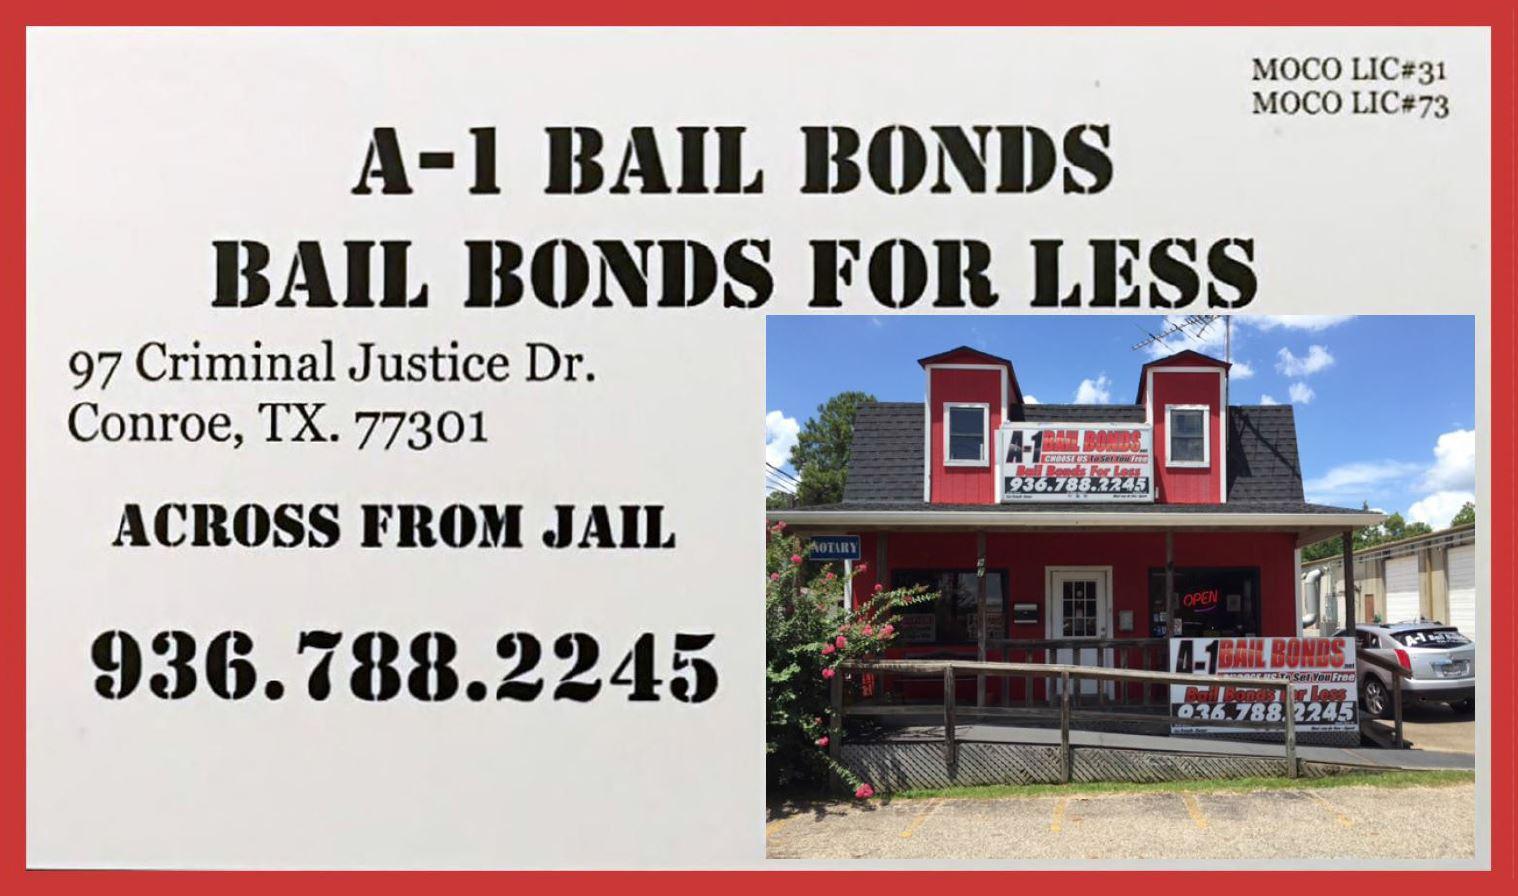 =a1 bail